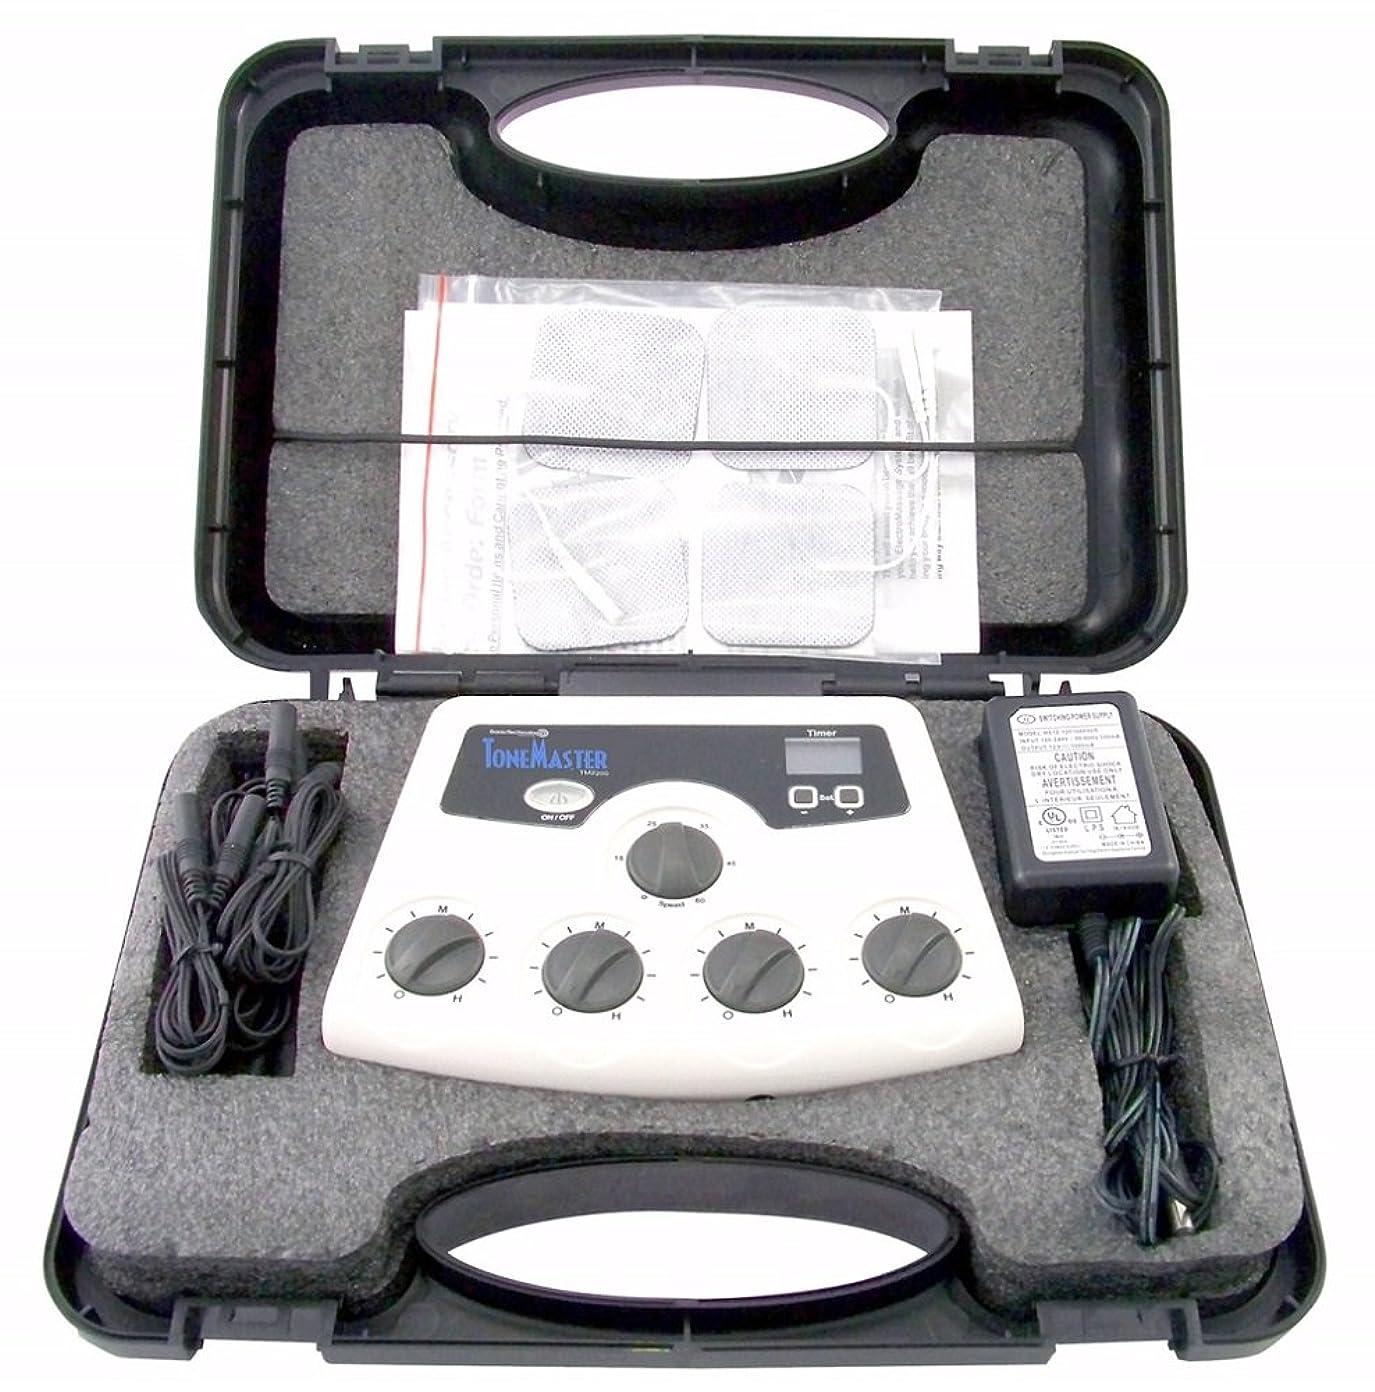 腸娯楽進化する【米国ソニックテクノロジー社開発】 ポータブルで屋外でも使えるEMS TM-2200 【正規ルート輸入品】